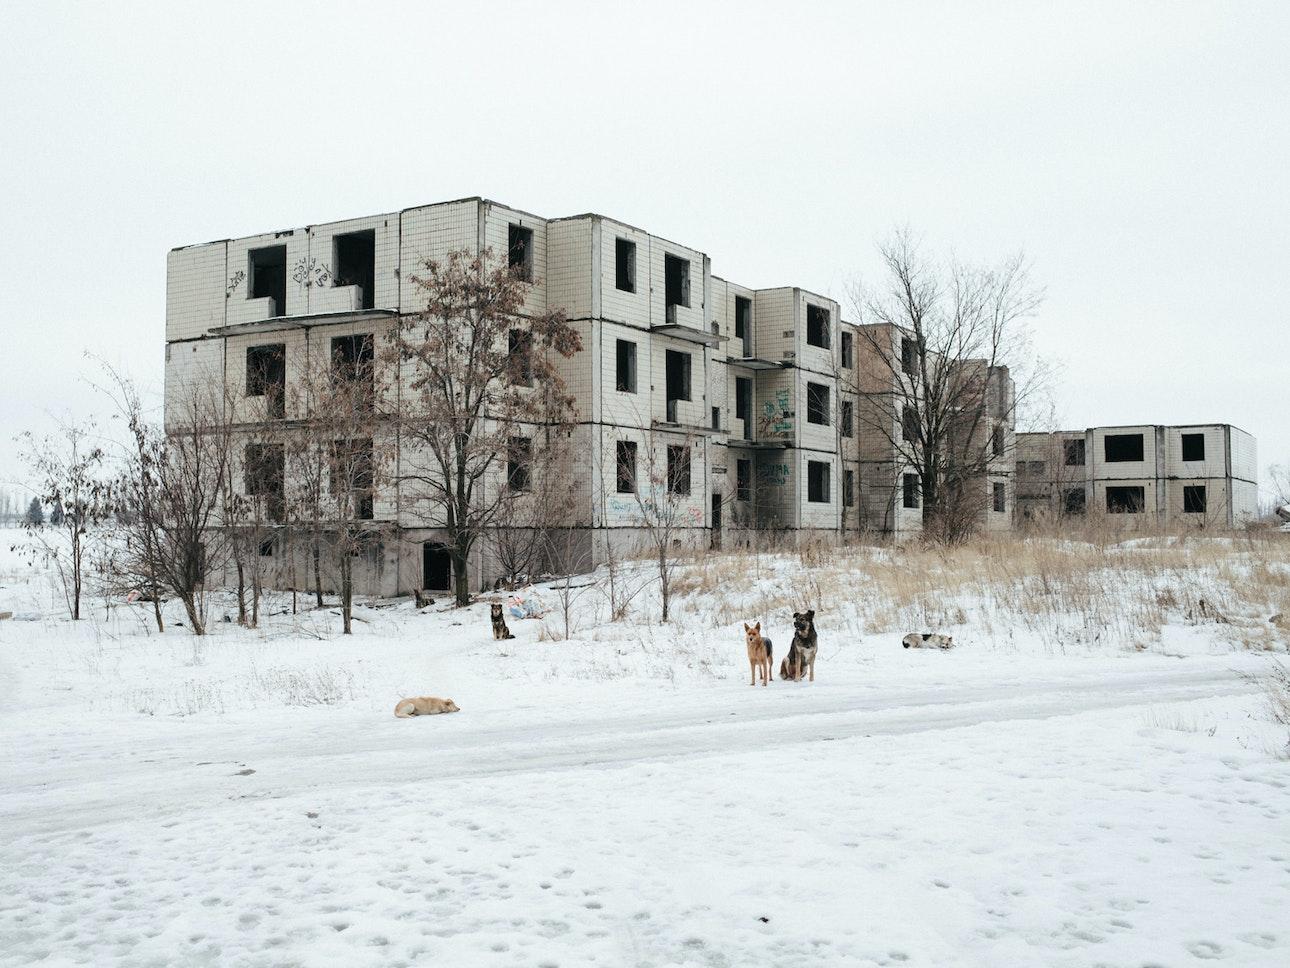 Константиновка, Донецкая область, 2015 год